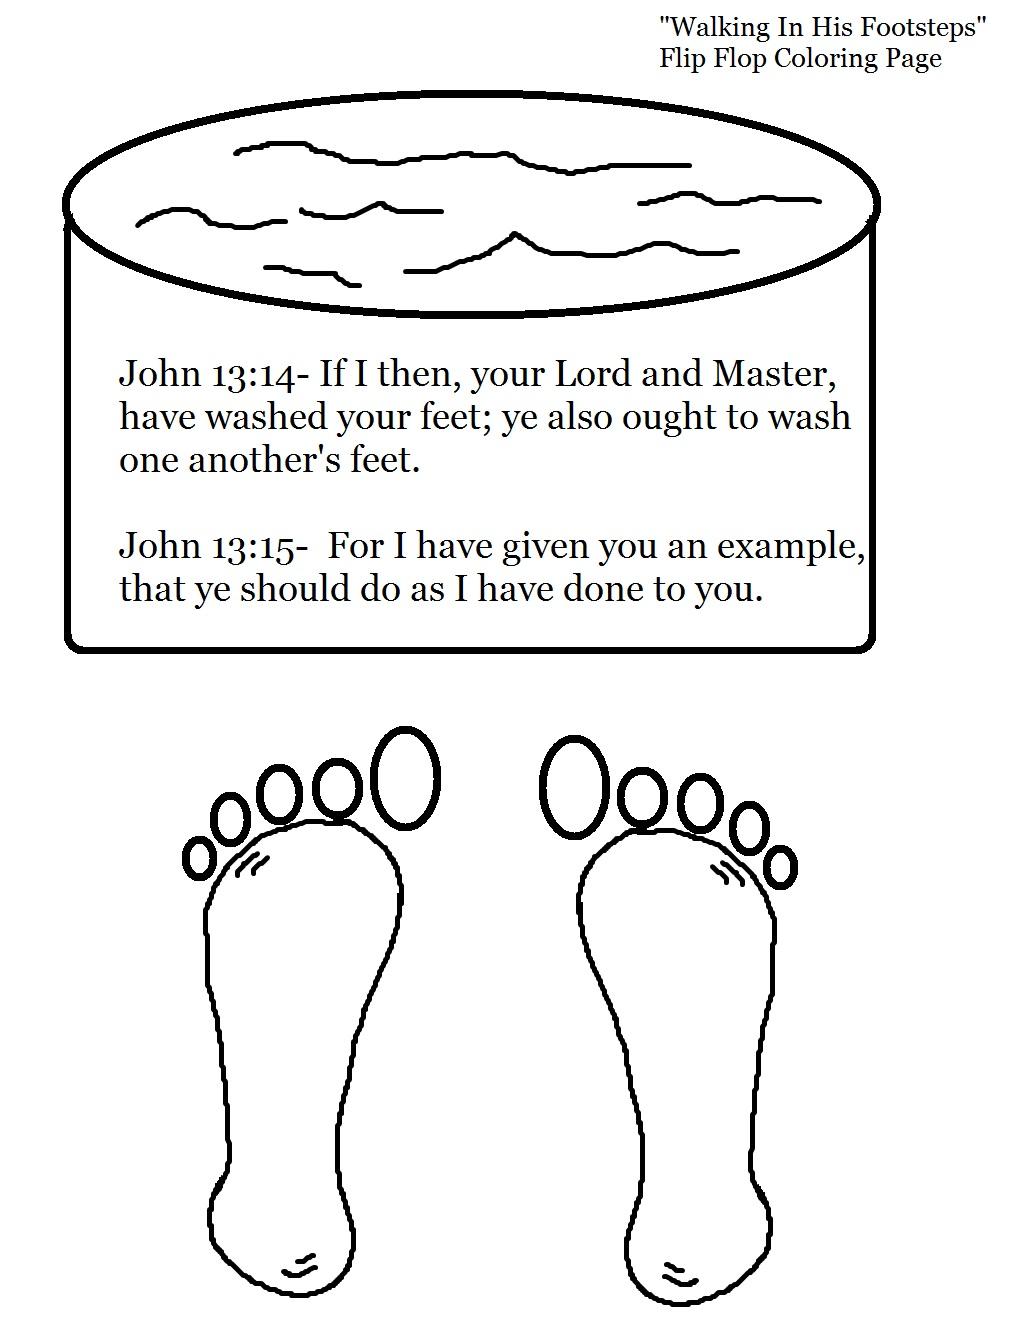 Jesus Washing Feet Coloring Page N3 free image